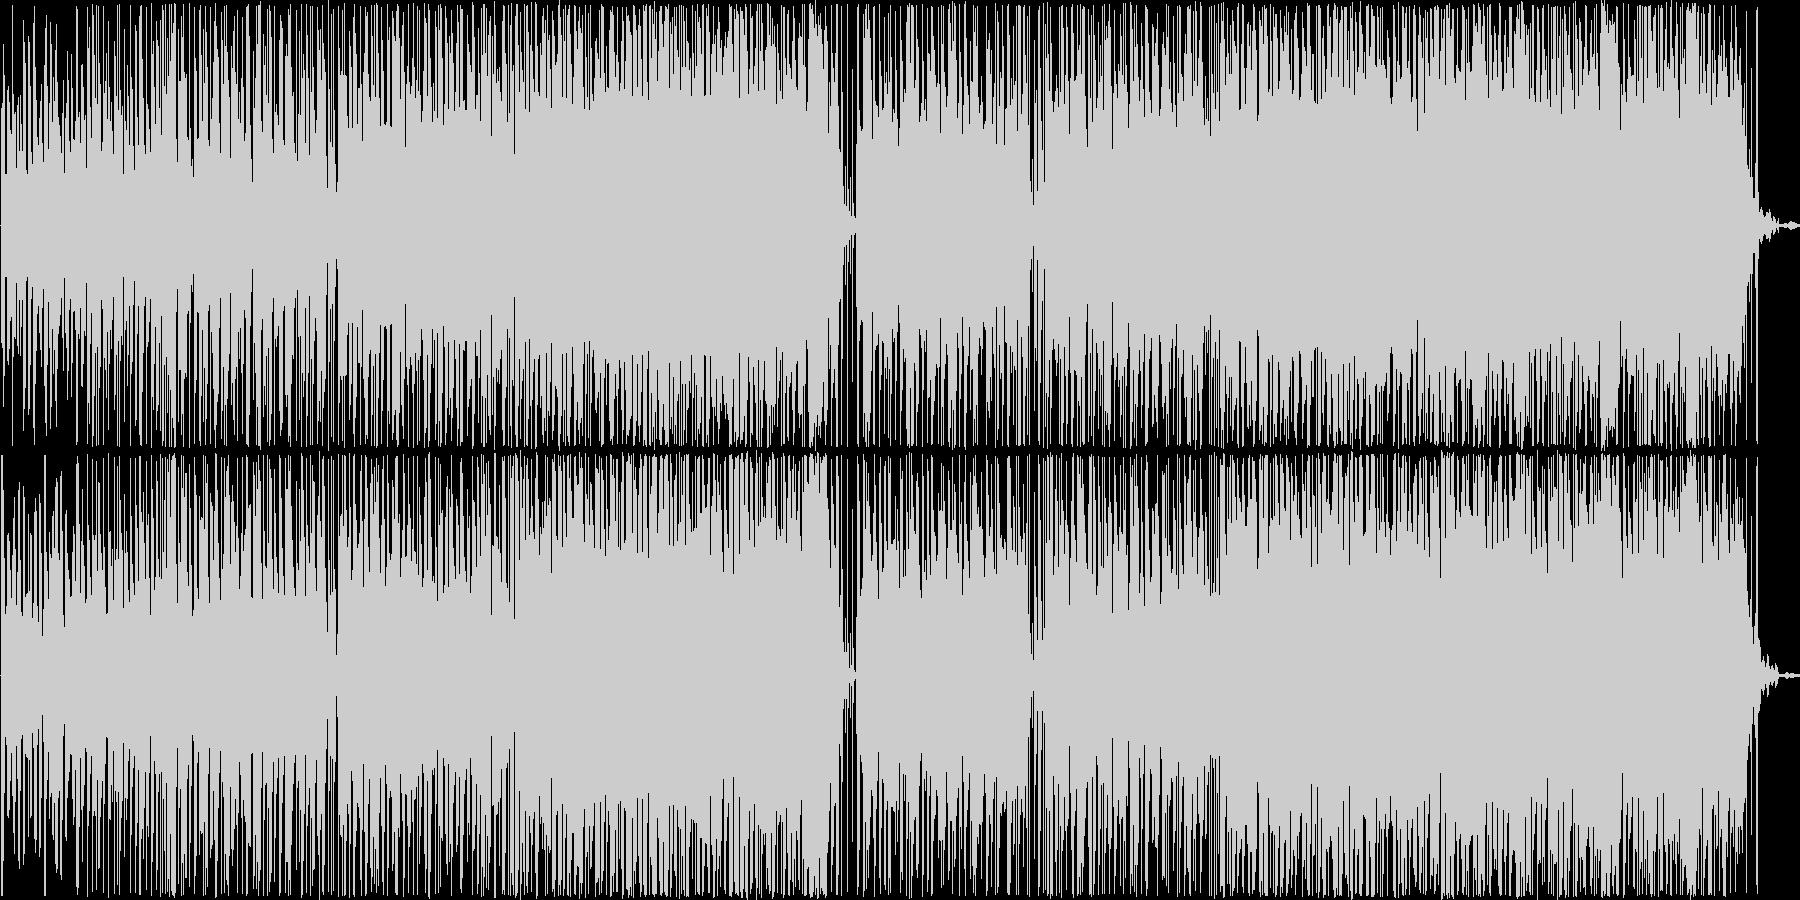 赤ちゃんやペットの動画BGMの未再生の波形